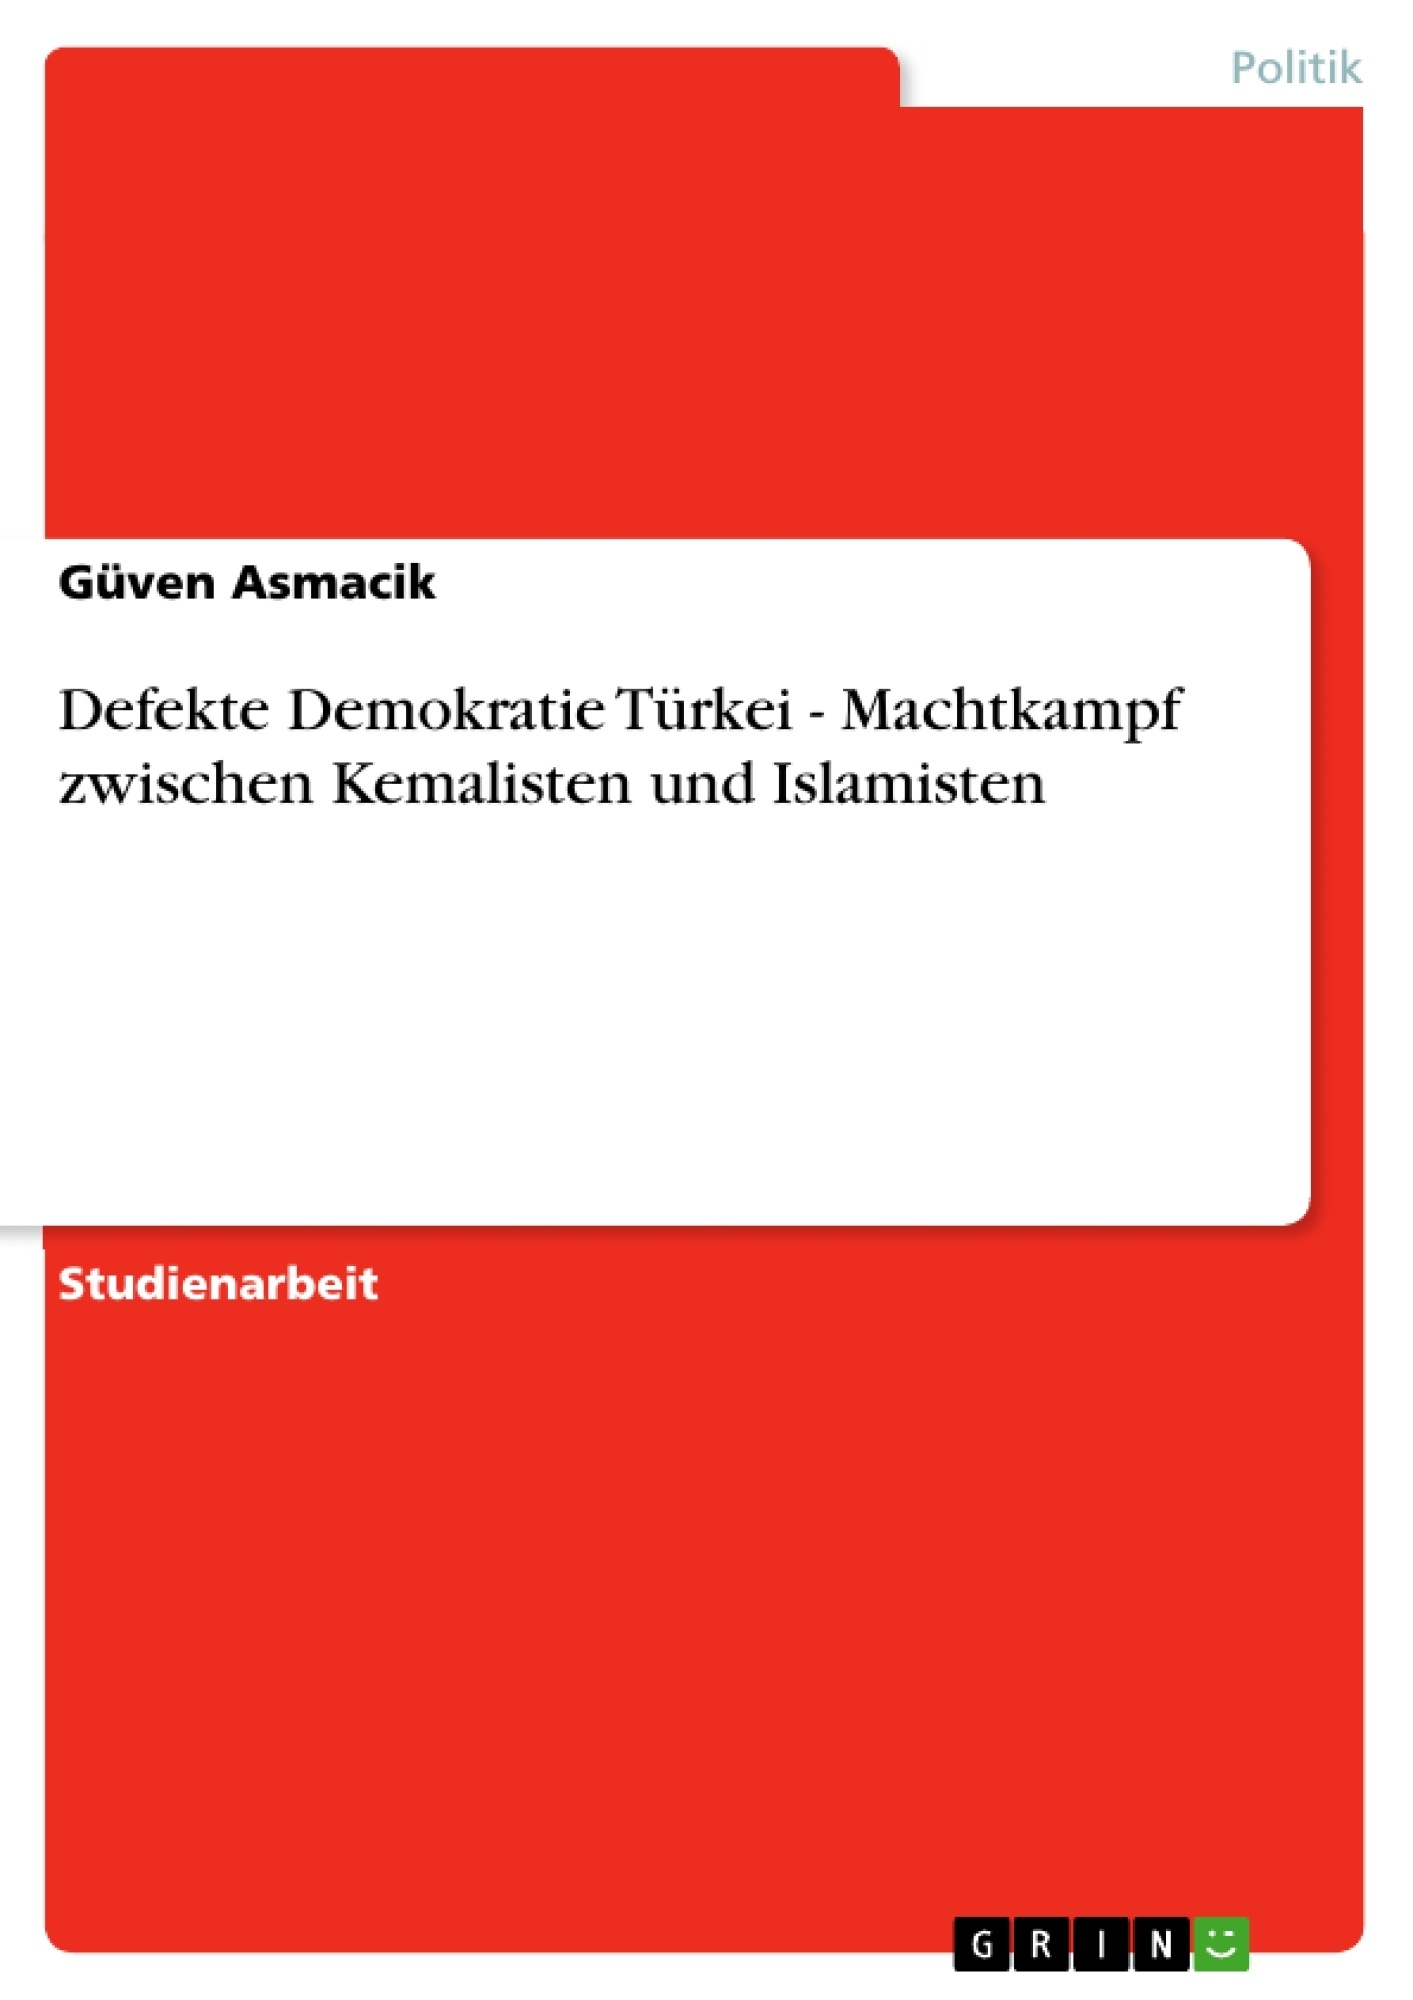 Titel: Defekte Demokratie Türkei - Machtkampf zwischen Kemalisten und Islamisten